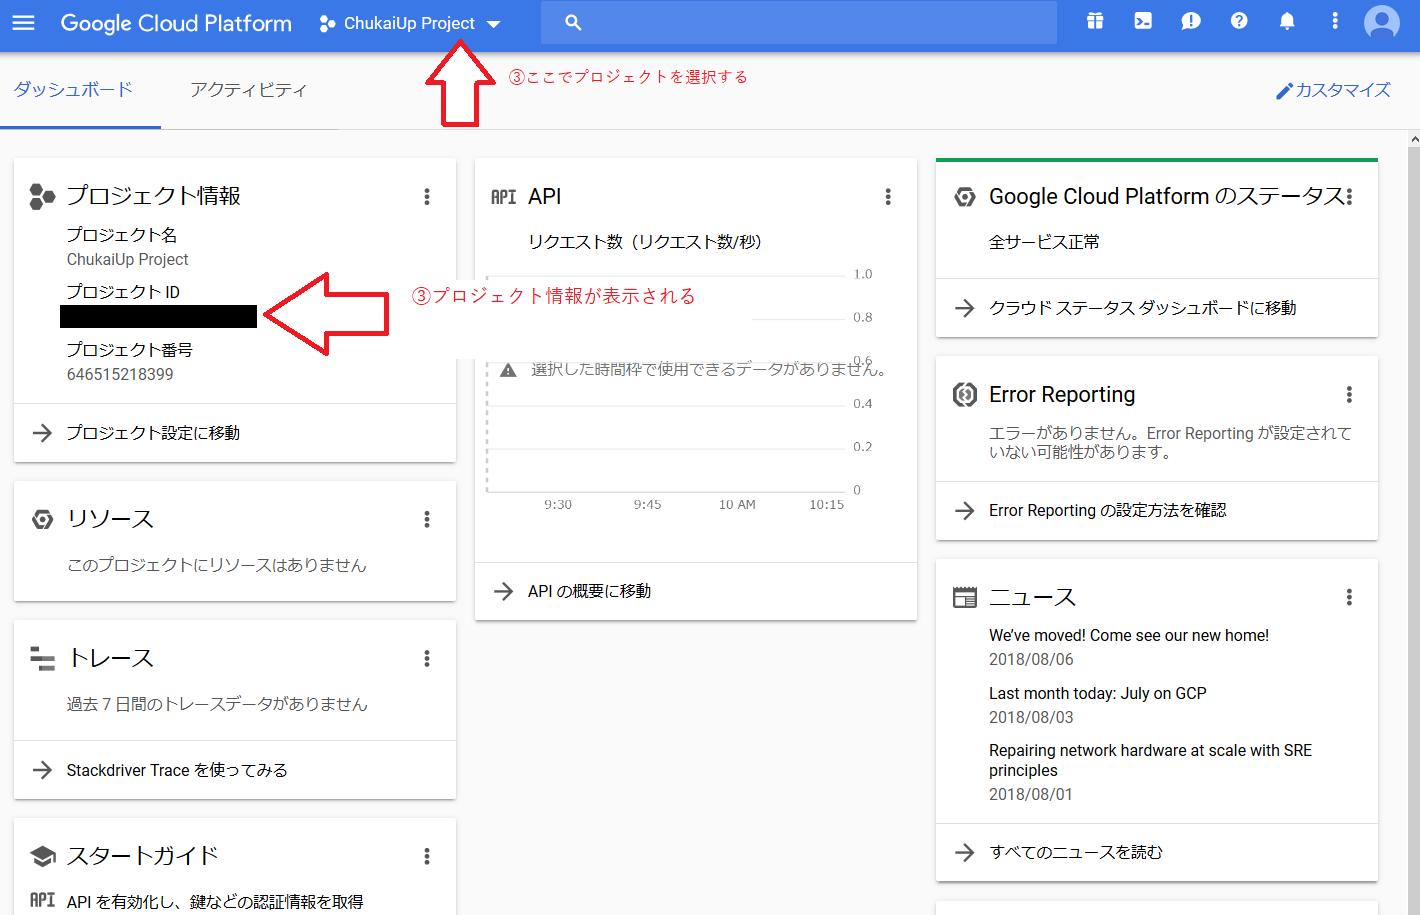 chukaiup_googlemap_api_register02.3.png